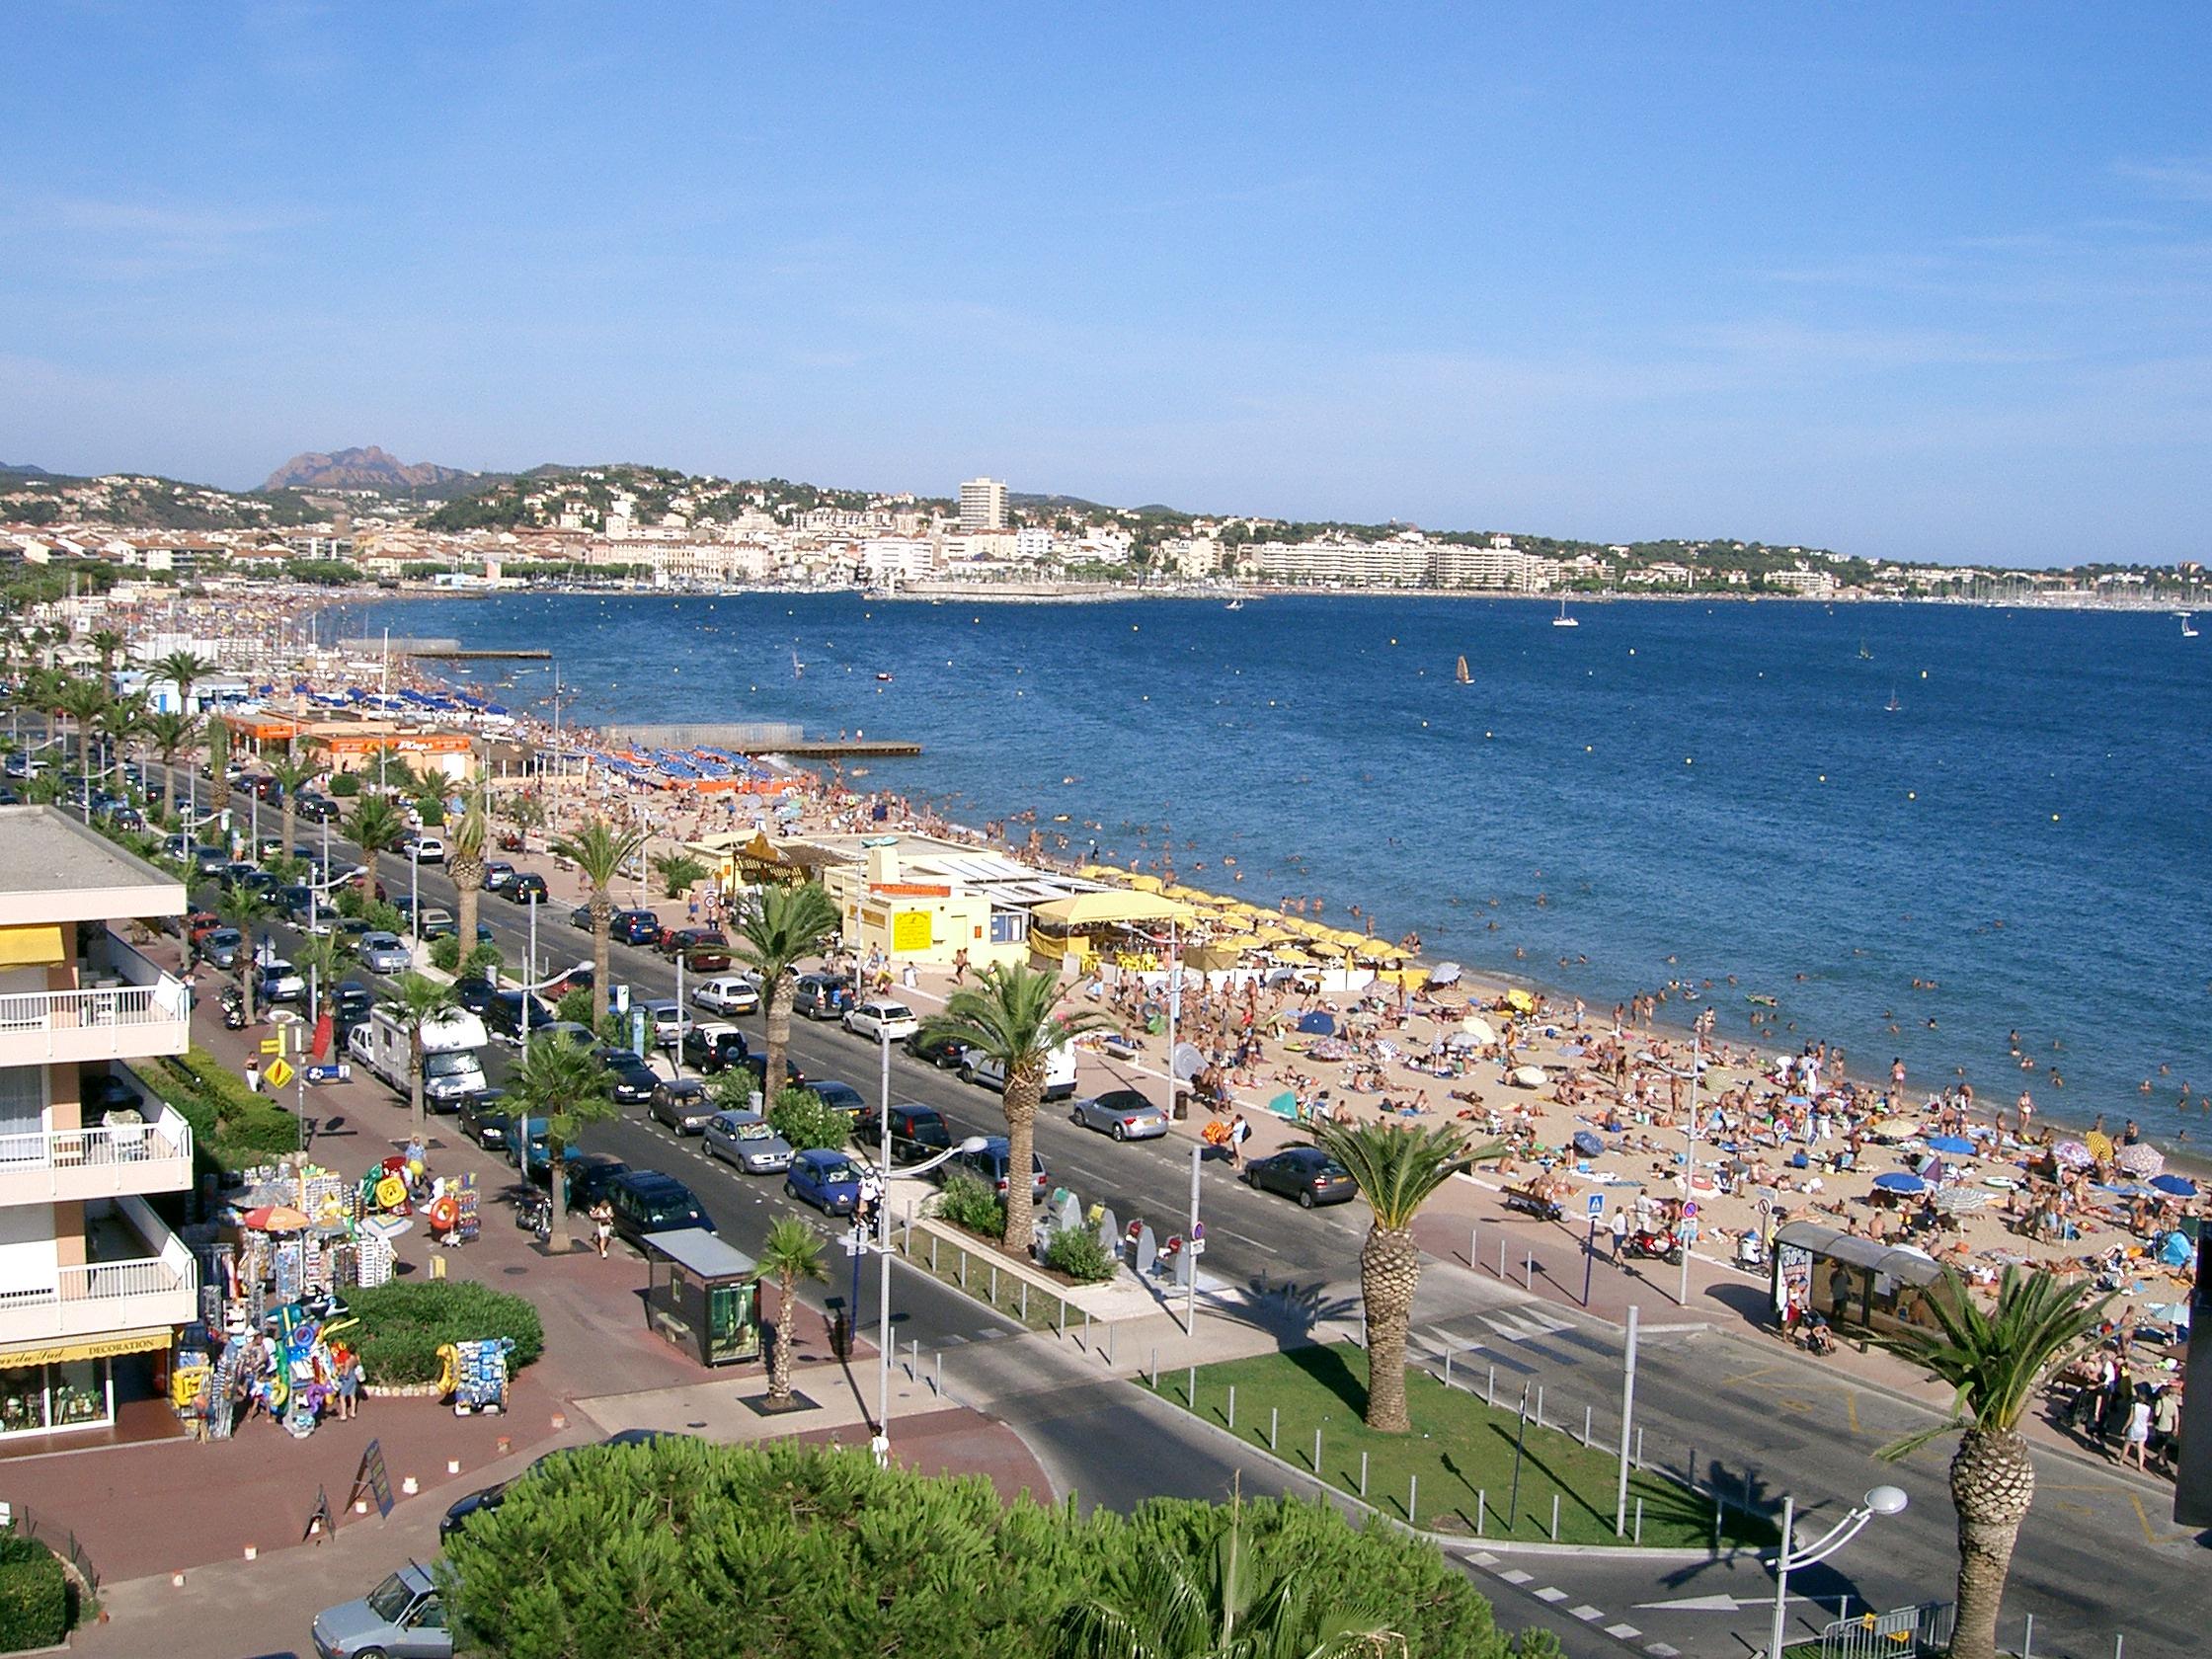 Plage - Station balnéaire - Littoral - Mer - Été - Vacances - Fréjus - France - SchoolMouv - Géographie - CM1